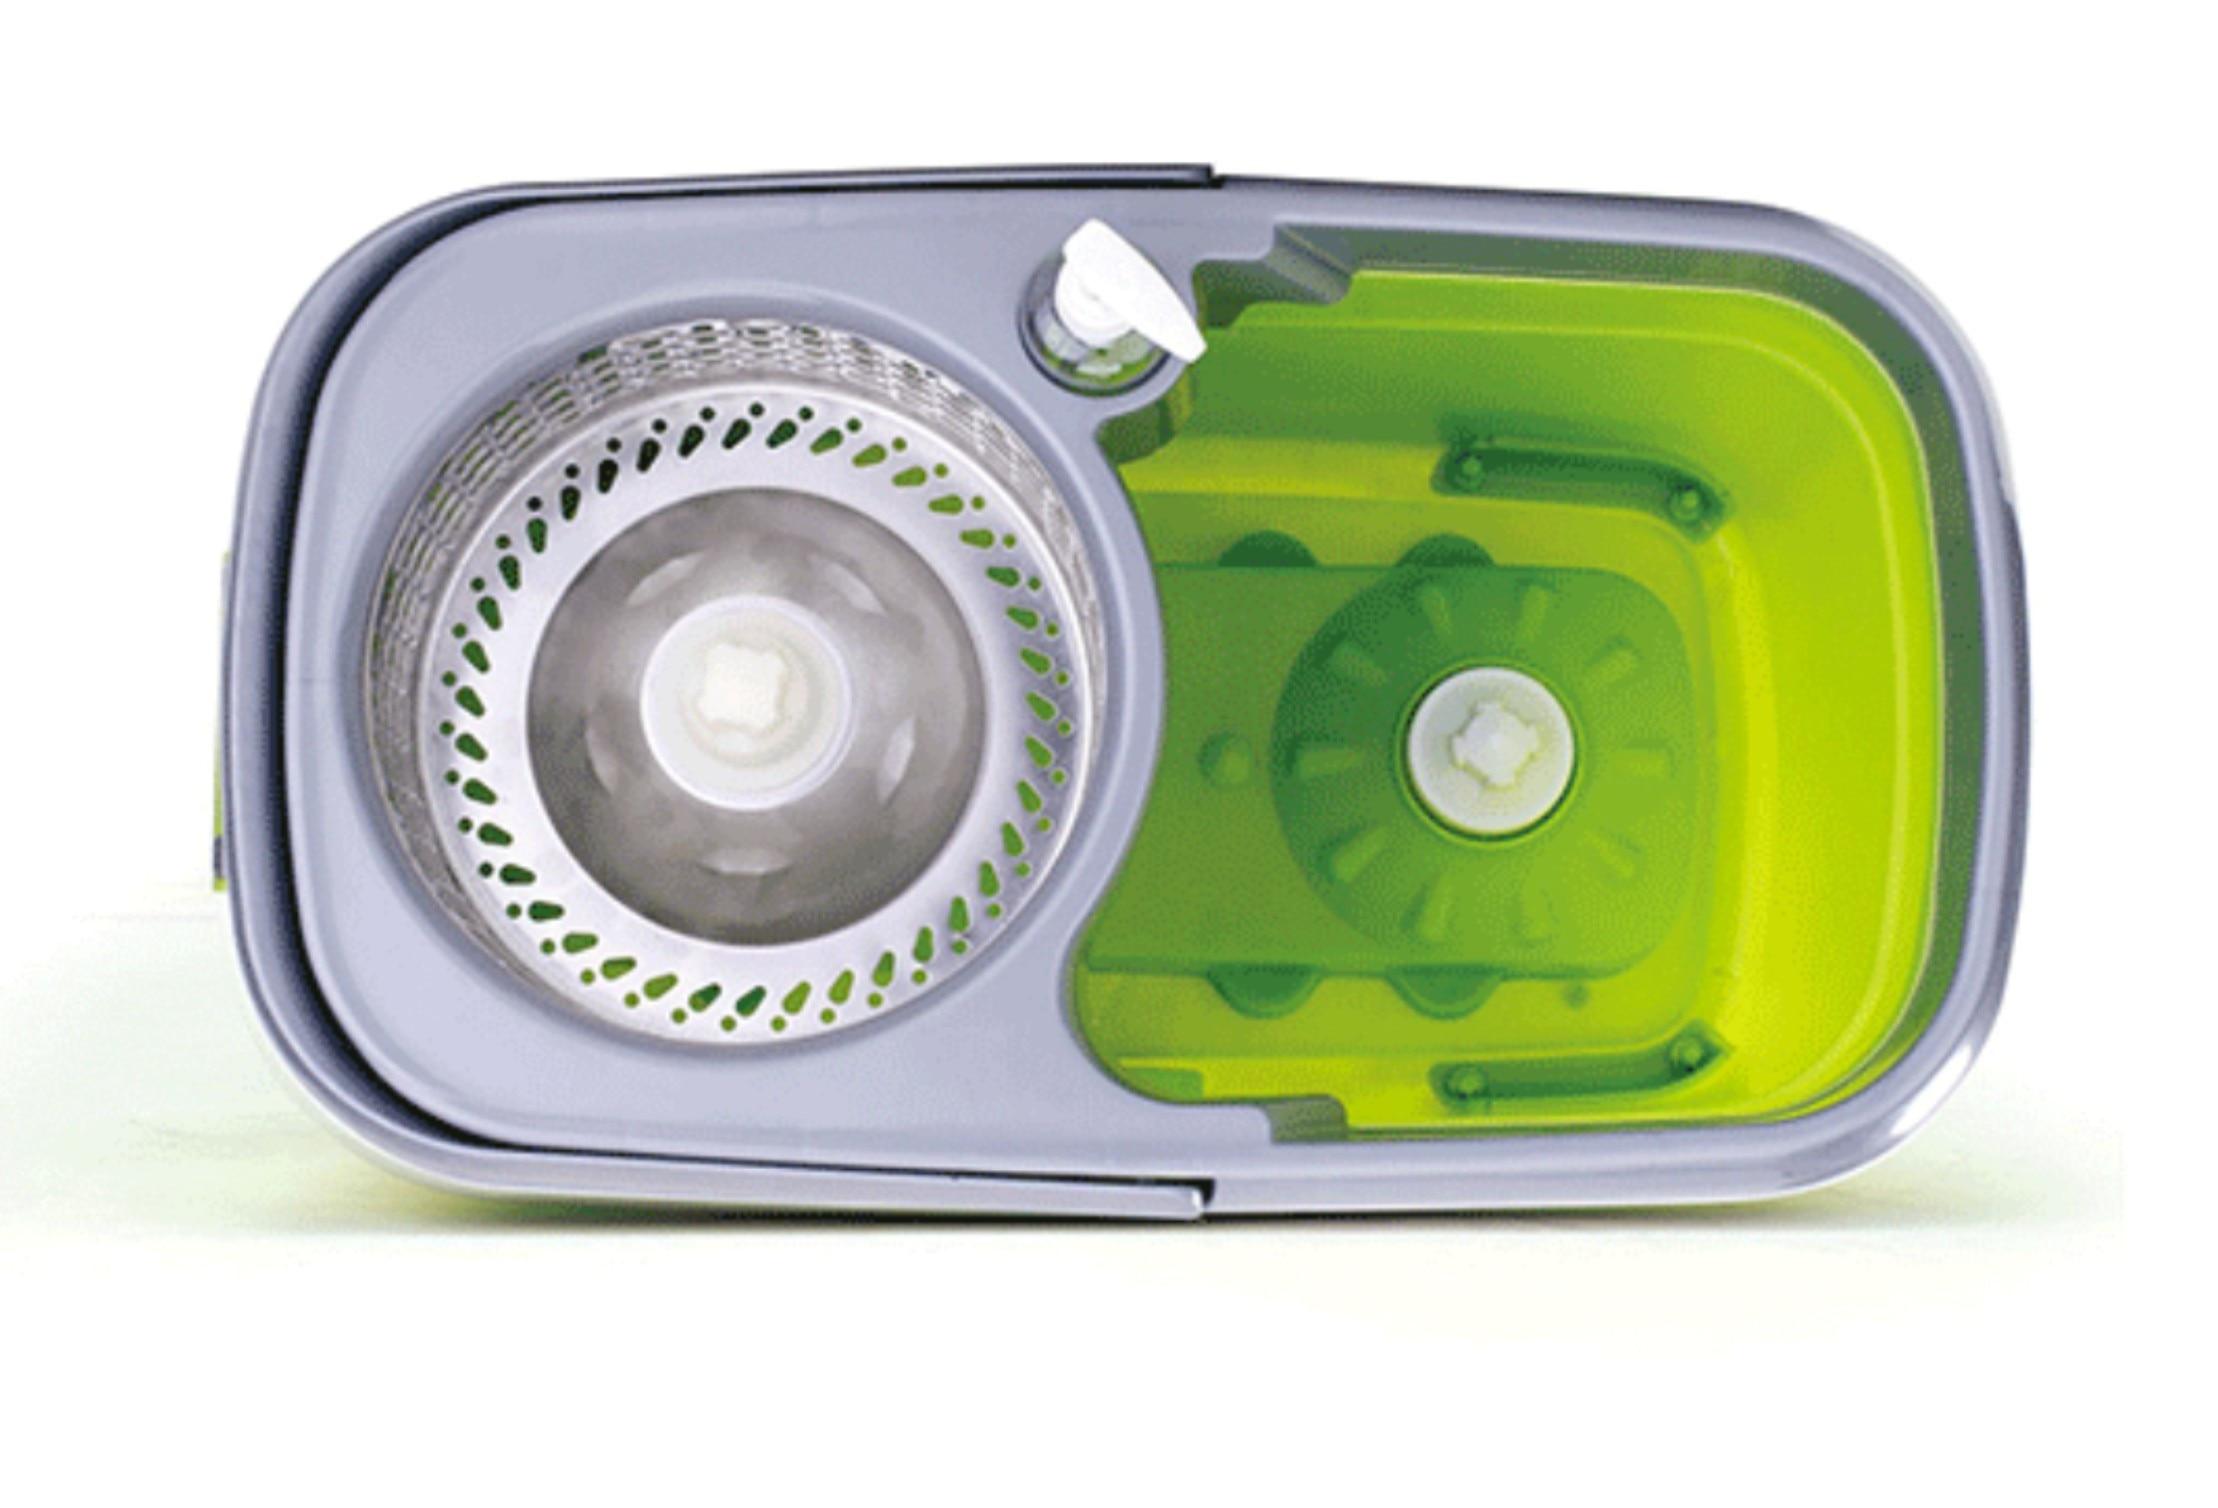 360 Gradi Maniglia Spin Automatica Elescopic Mop per La Casa Cucina di Piastrelle di Pulizia Spin Pigro Mop Fibra Superfine Secchio Set - 2